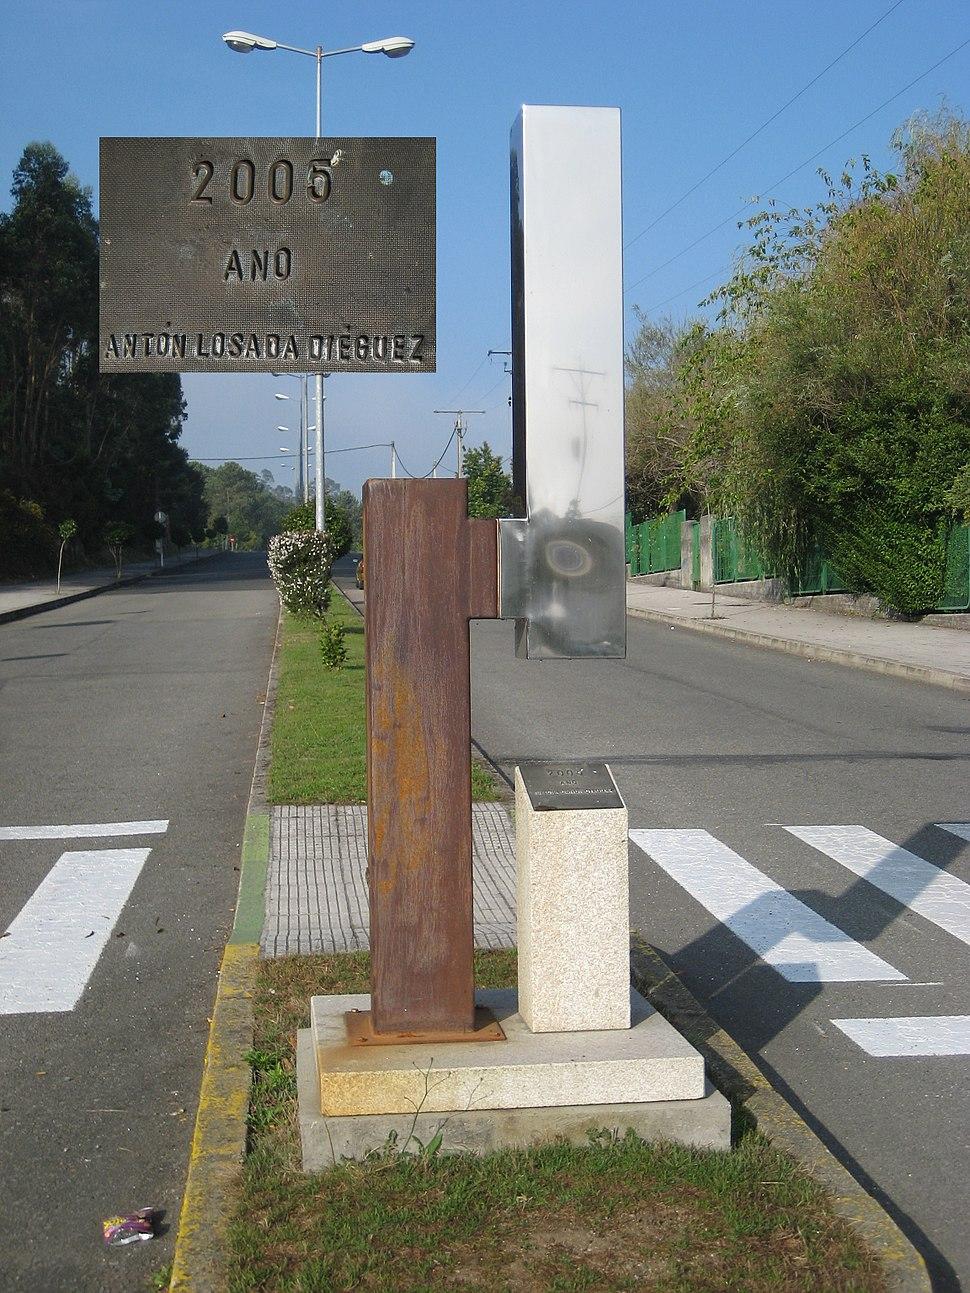 Estatua na Estrada dedicada a Losada Diéguez.